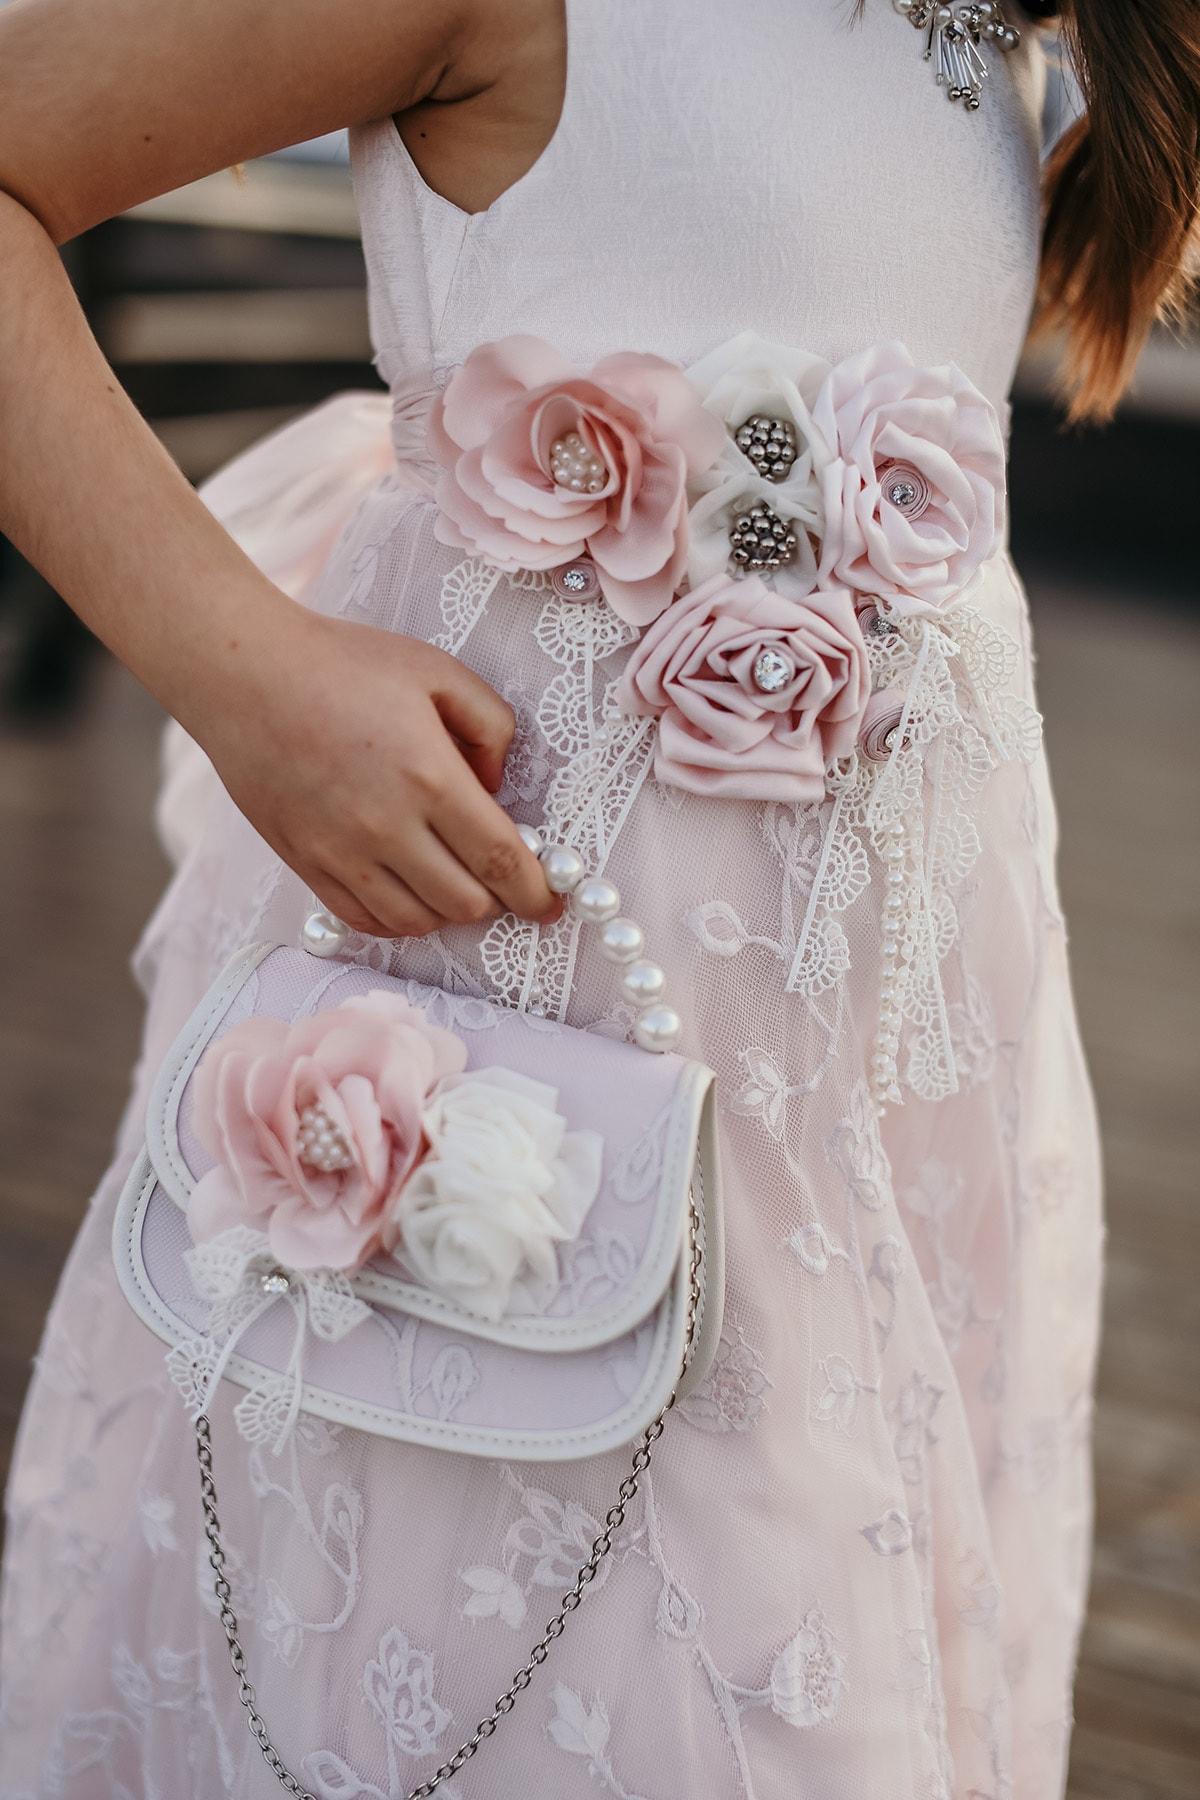 فروشگاه لباس مجلسی اورجینال برند MIALORA EXCLUSIVE رنگ صورتی ty57360711